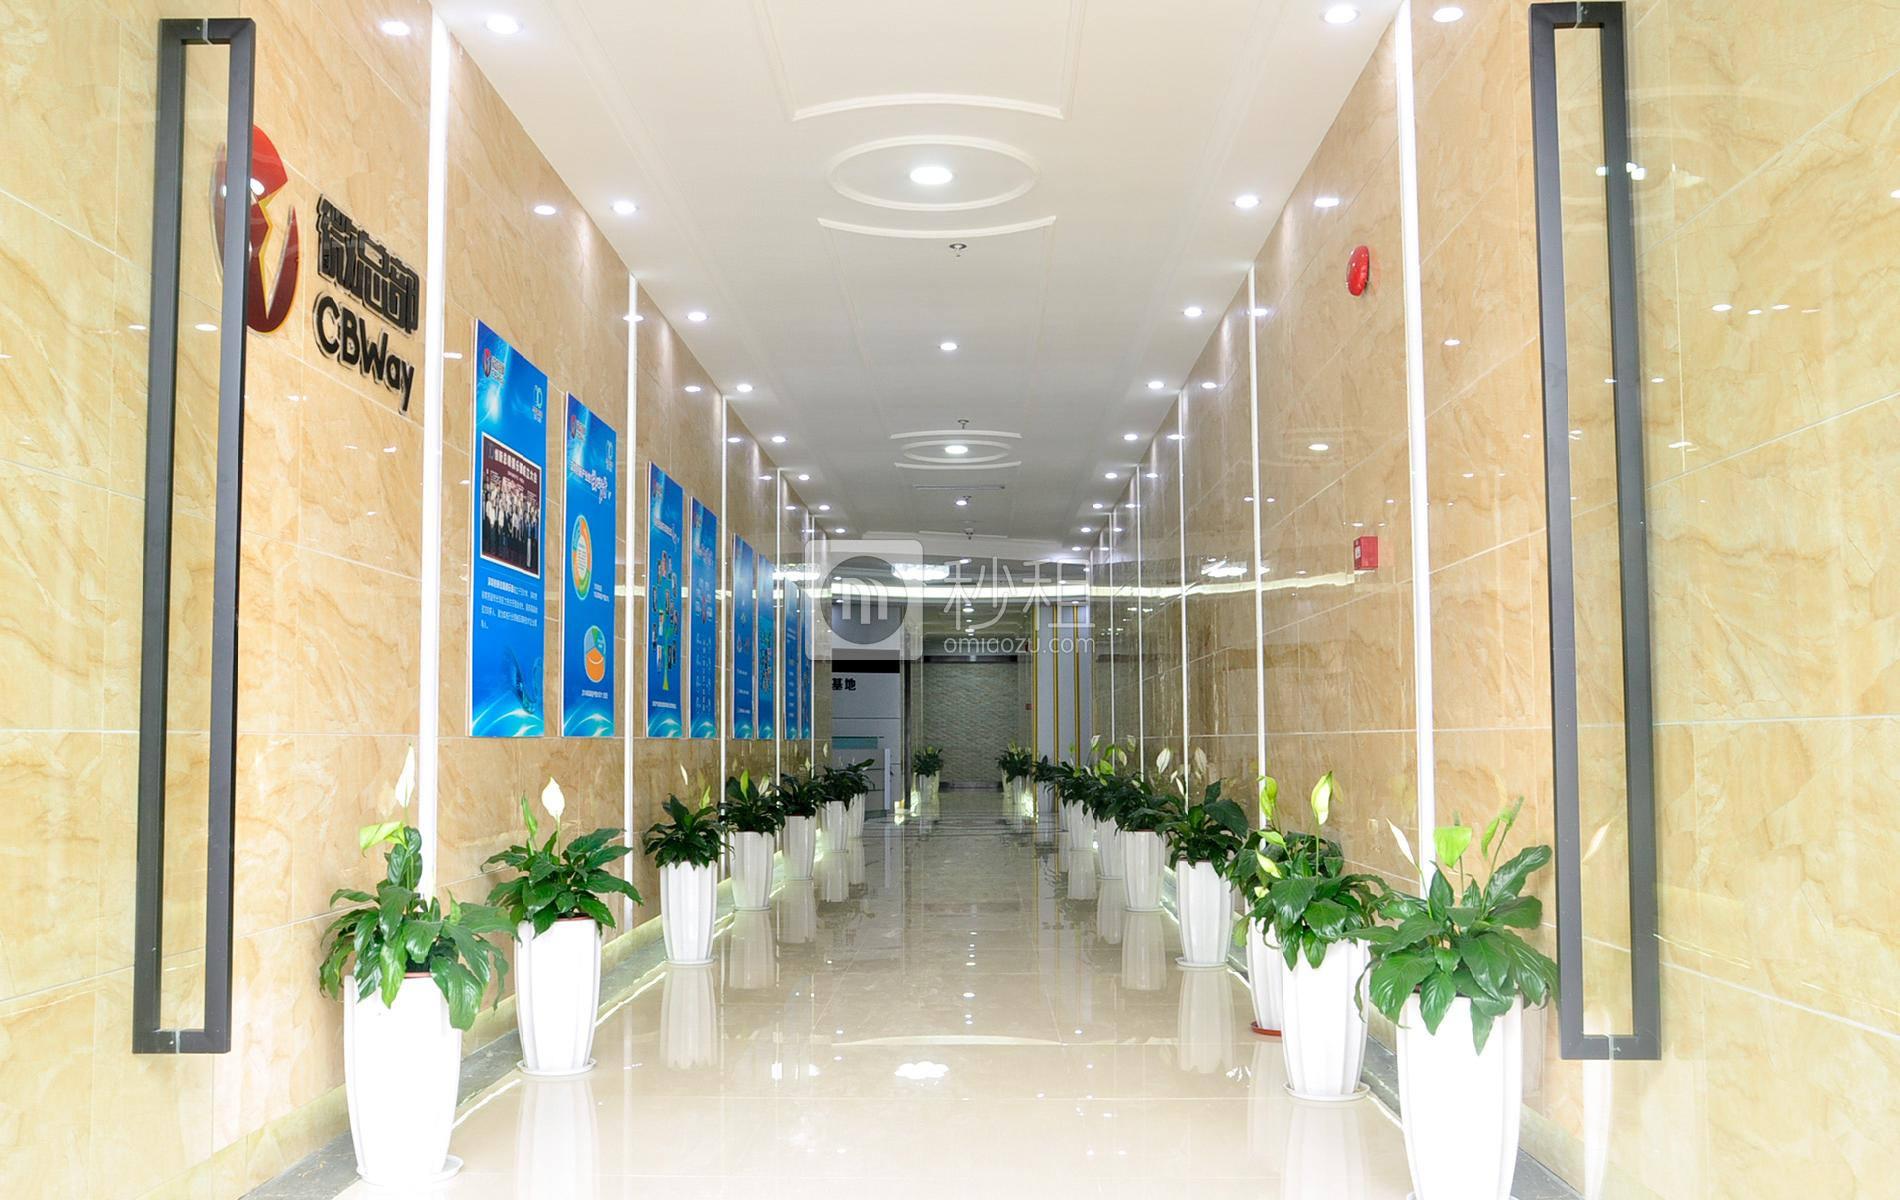 长城大厦写字楼出租/招租/租赁,长城大厦办公室出租/招租/租赁